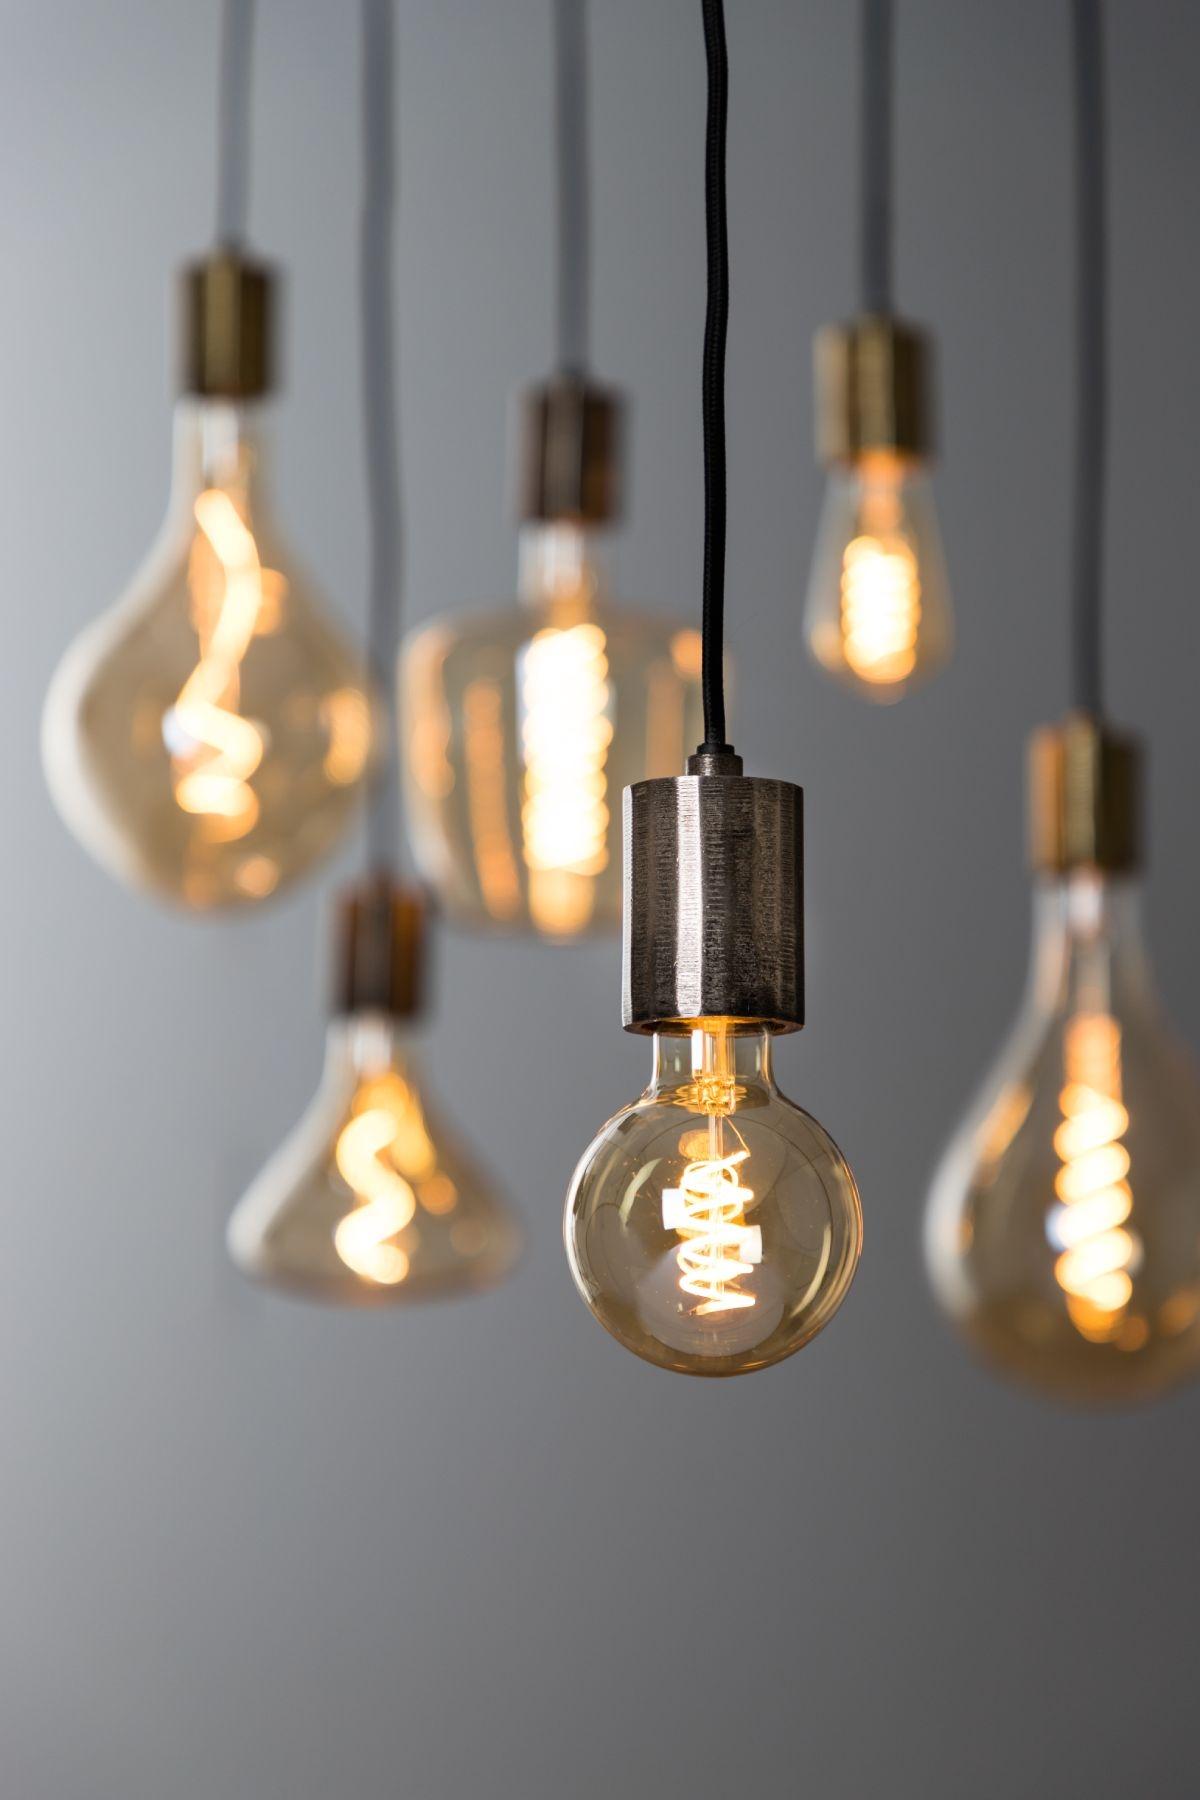 Med de flotte pærer fra BoShop Collection, får man næsten selv lyst til at være lysdesigner.